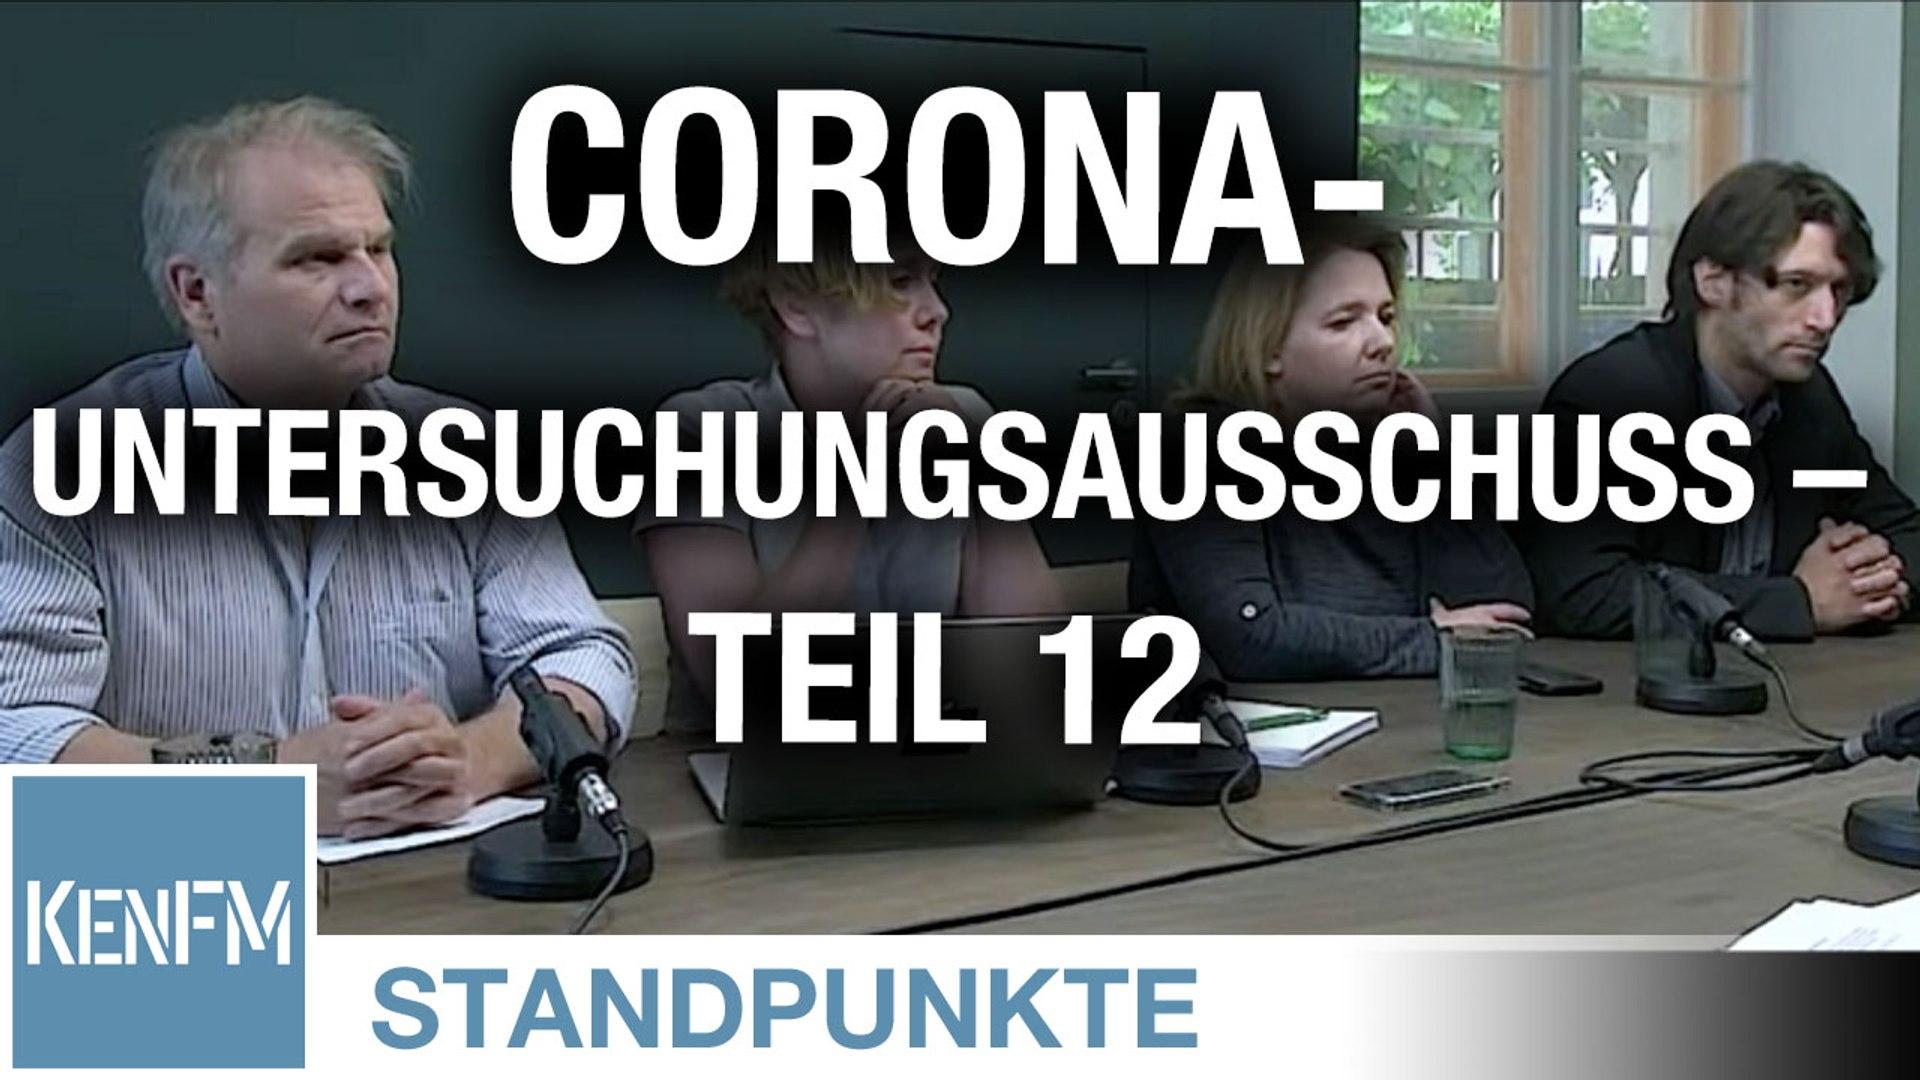 Corona-Untersuchungsausschuss – Teil 12